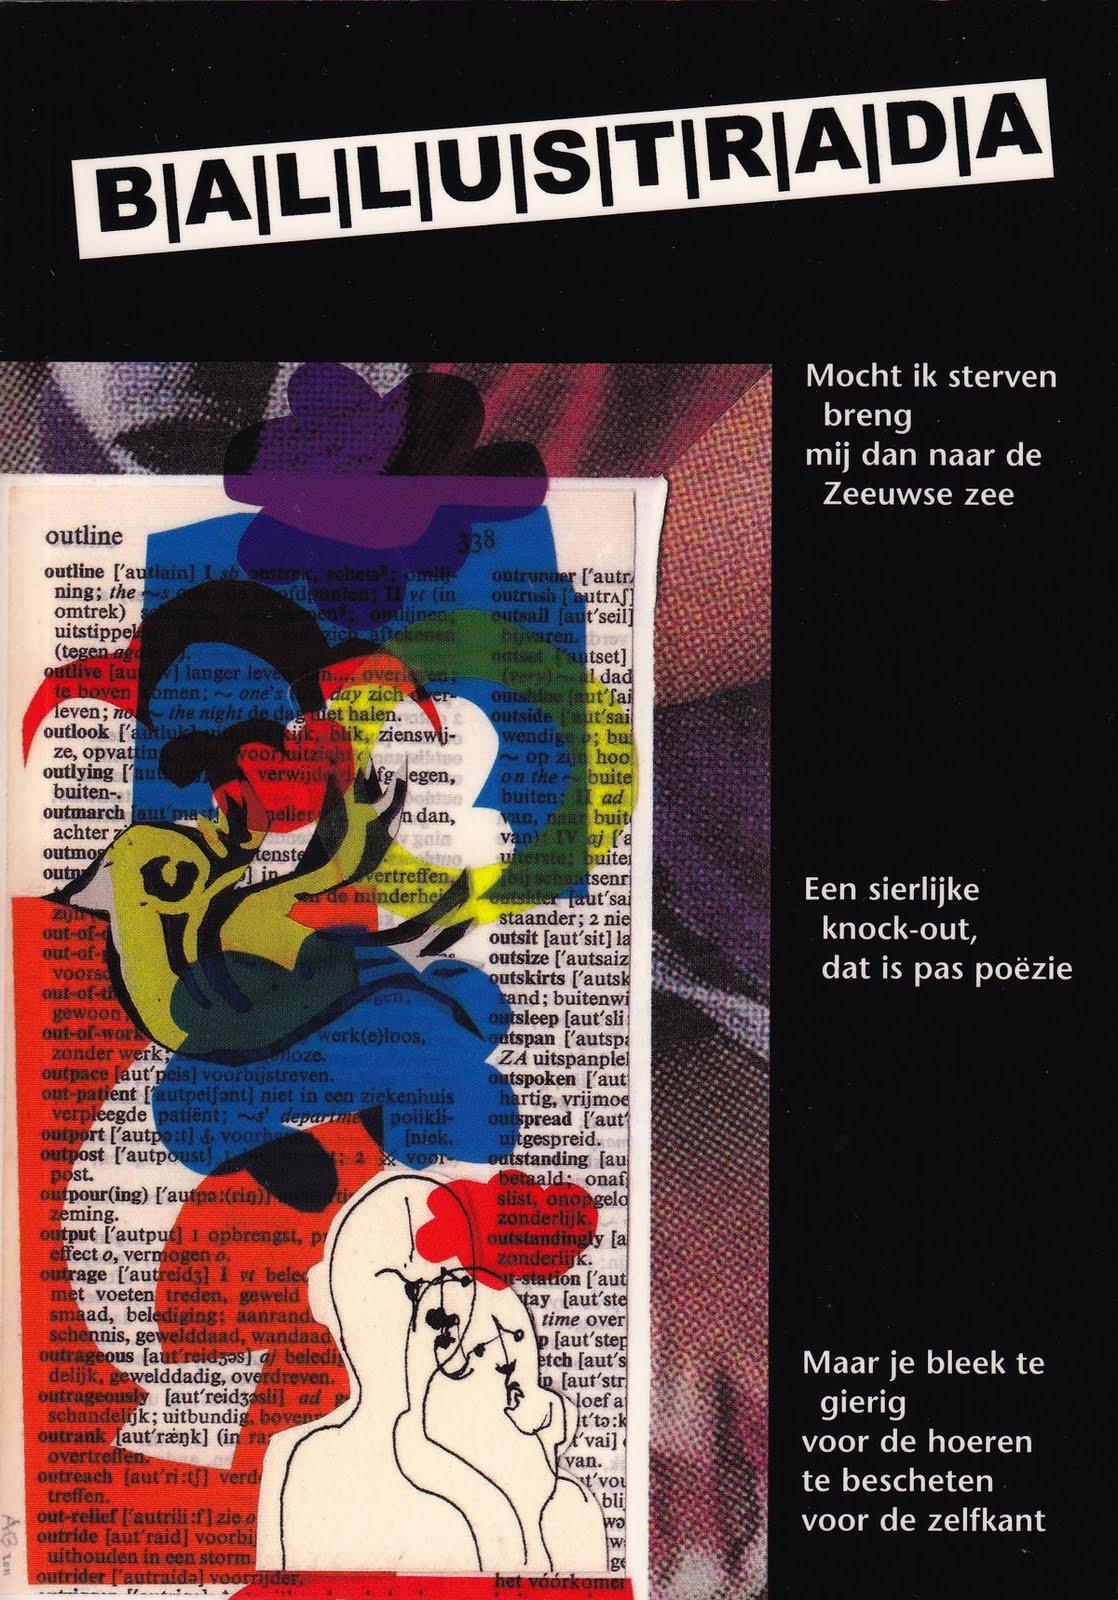 frans vwo 2011